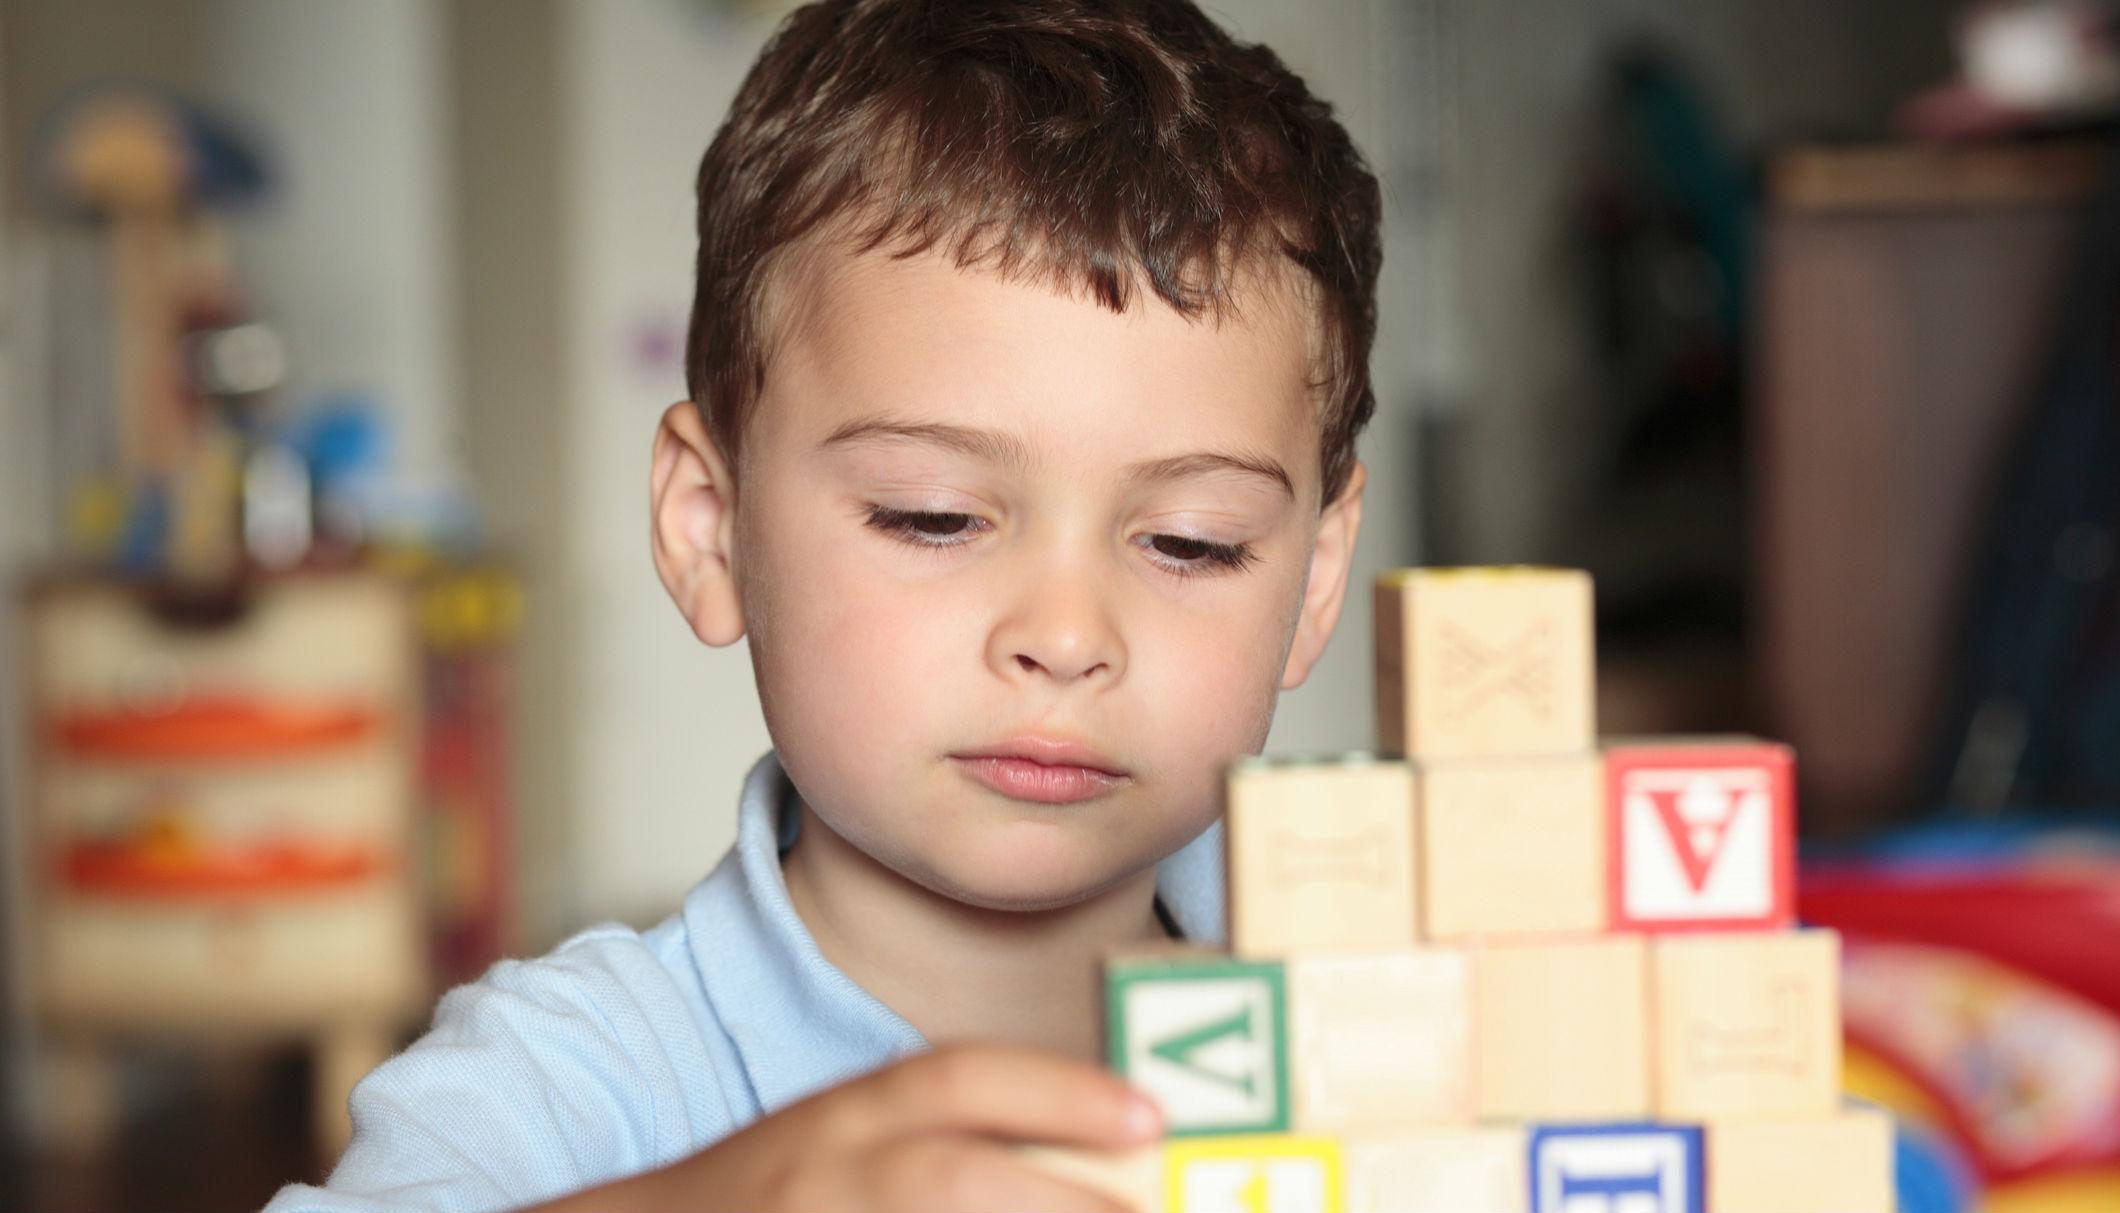 Чем отличаются нейроны аутиста?